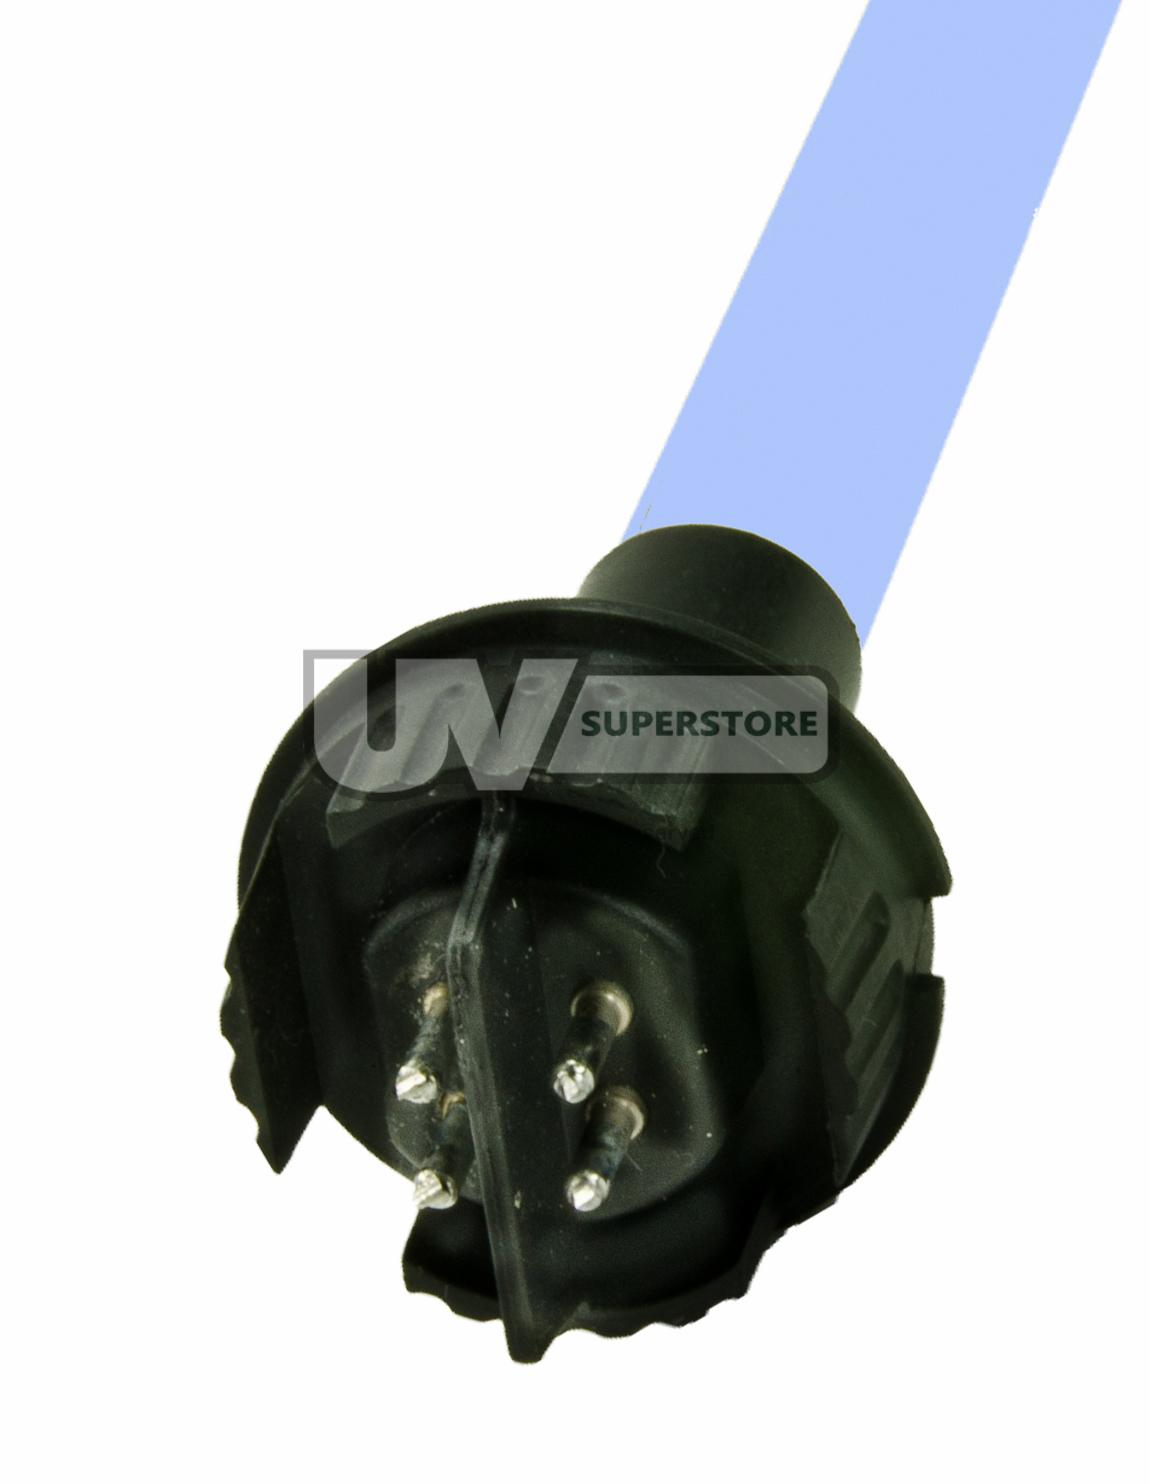 602805 Replacement Uv Lamp 254nm Uv Superstore Inc Uv